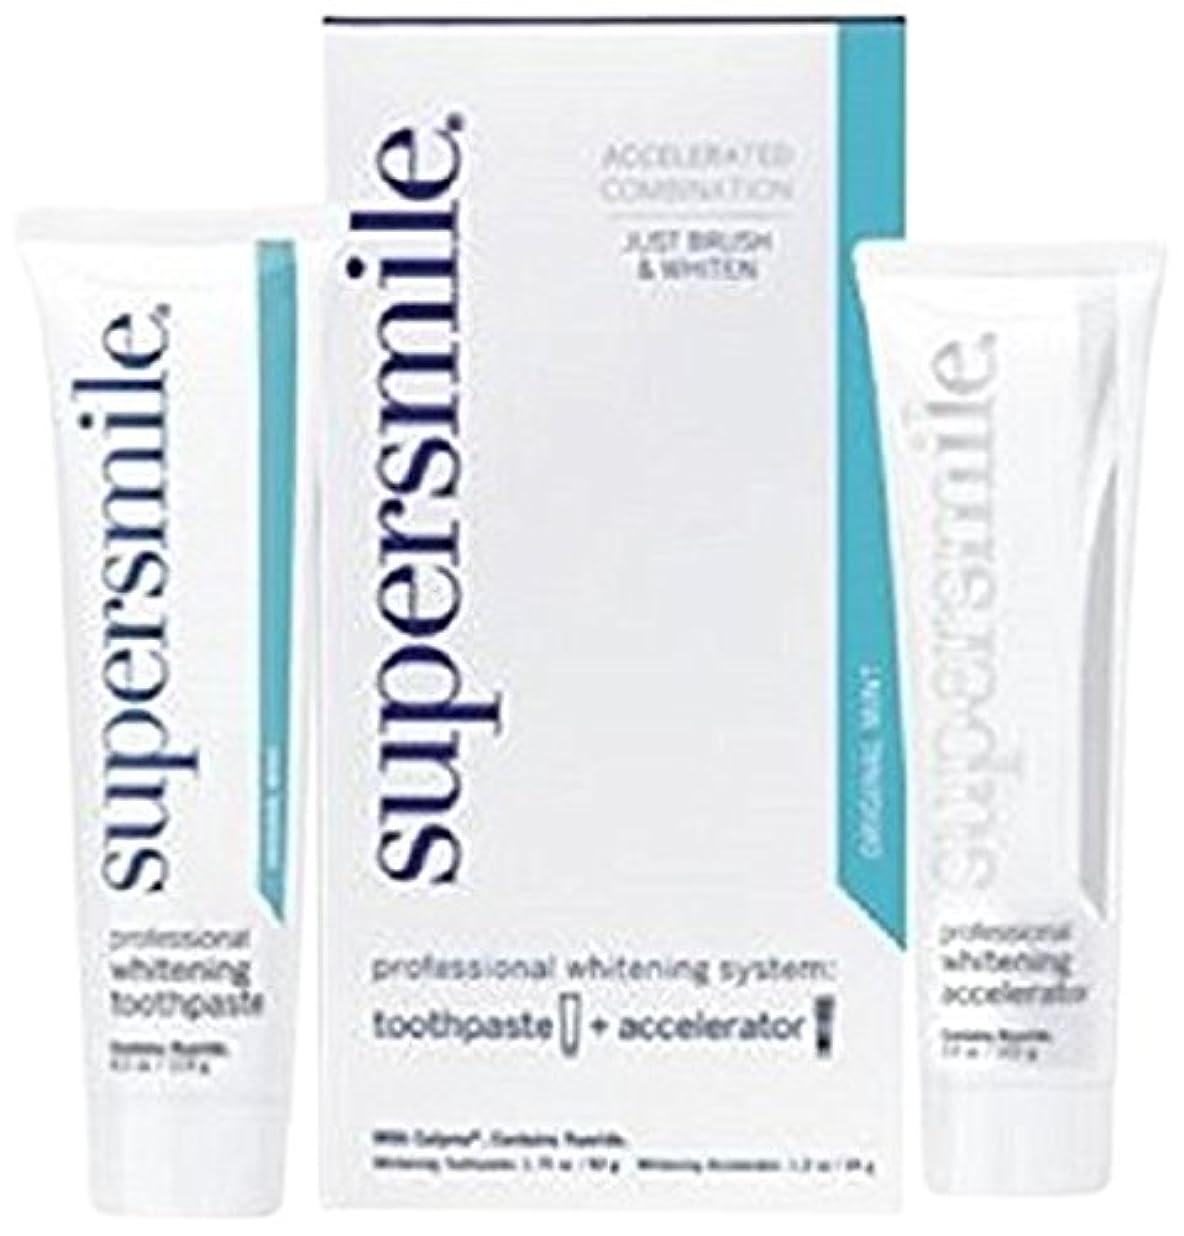 死にかけている世紀喜劇Supersmile Professional Whitening System: Toothpaste 50g/1.75oz + Accelerator 34g/1.2oz - 2pcs by SuperSmile